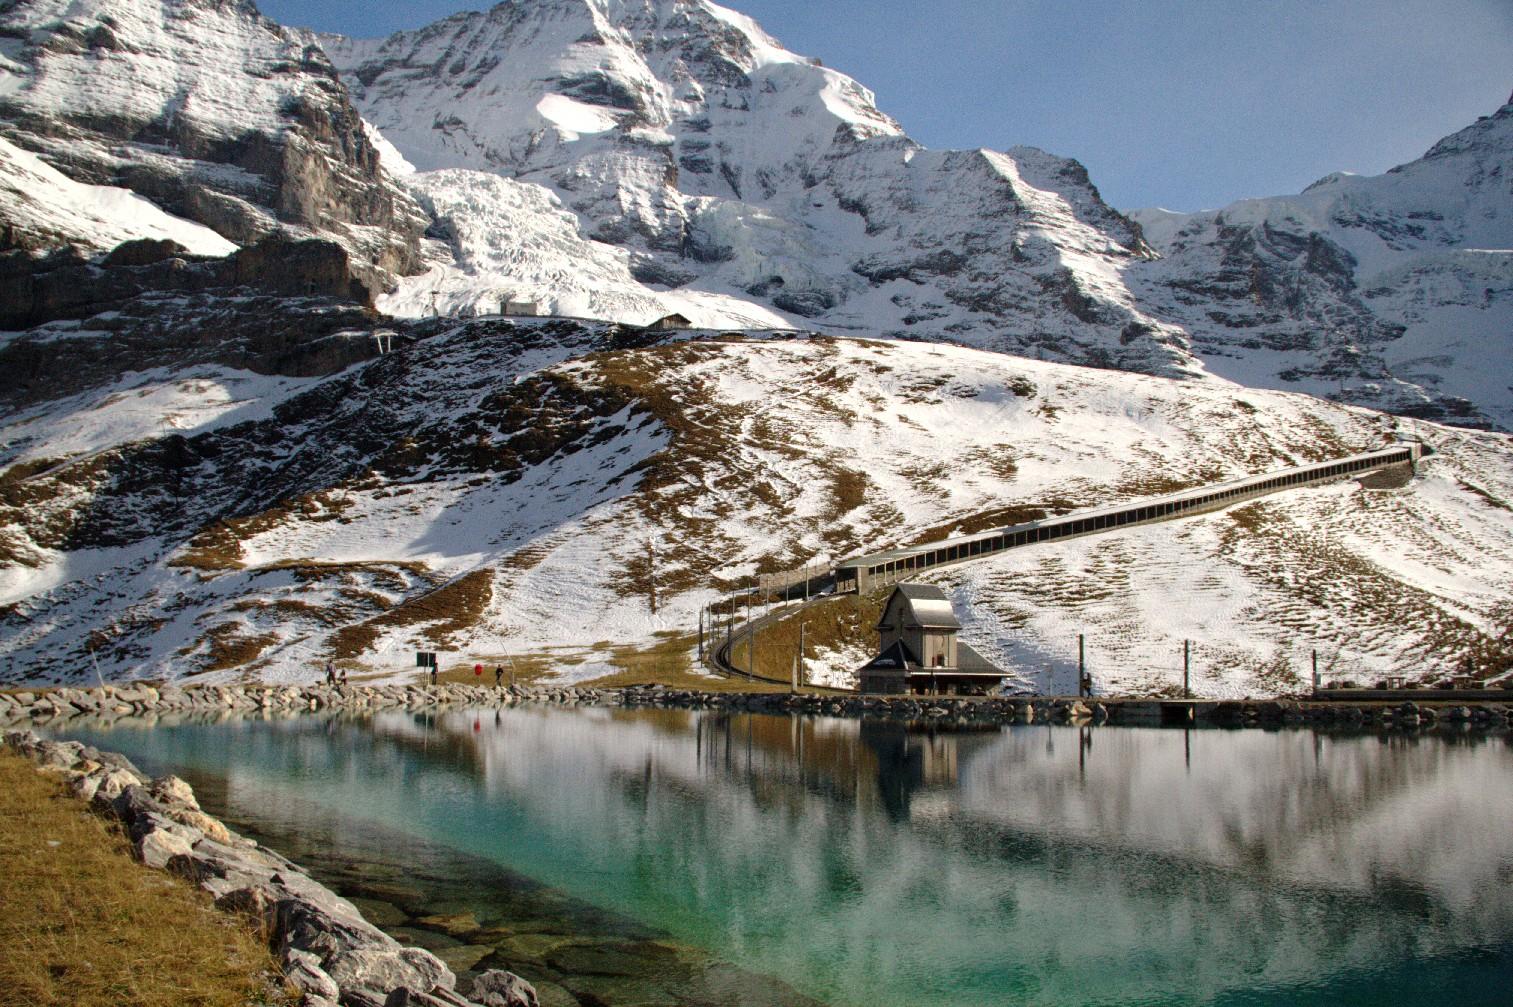 Vista da travessia até Jungfraujoch, a estação de trem mais alta da Europa (foto: Eduardo Vessoni)